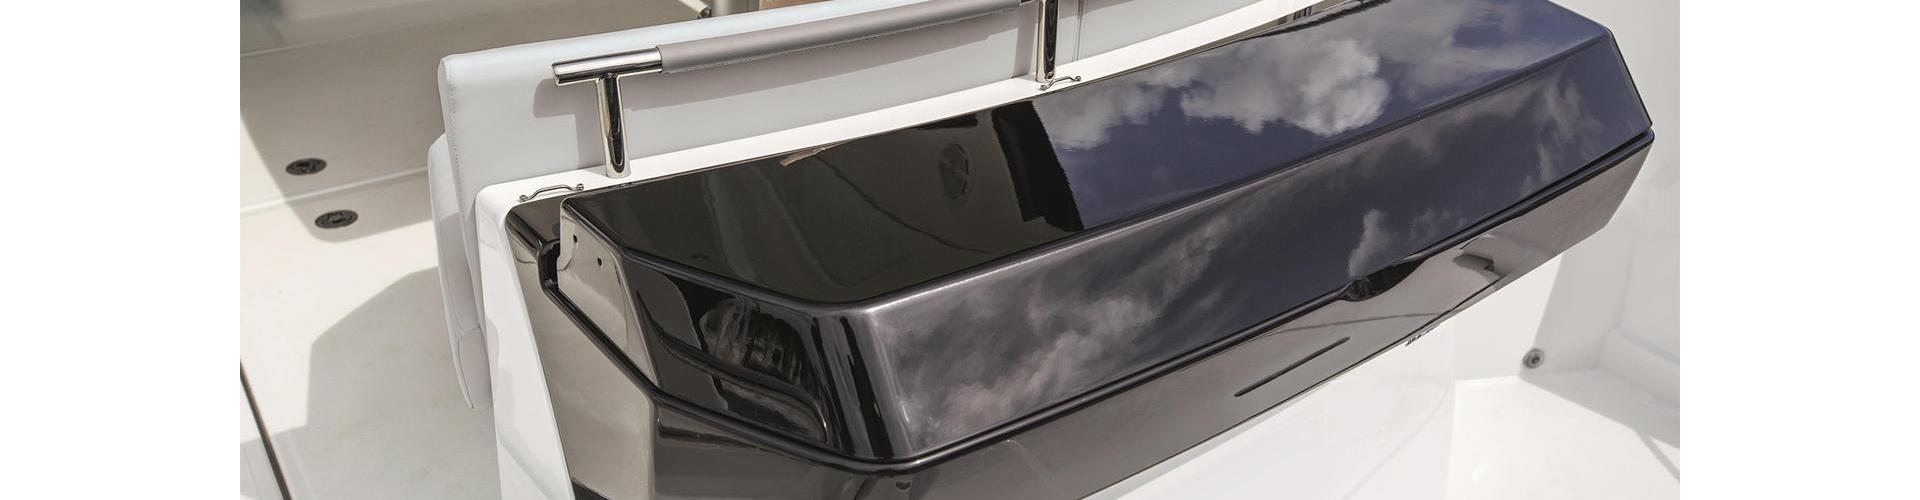 моторная лодка Beneteau GT40